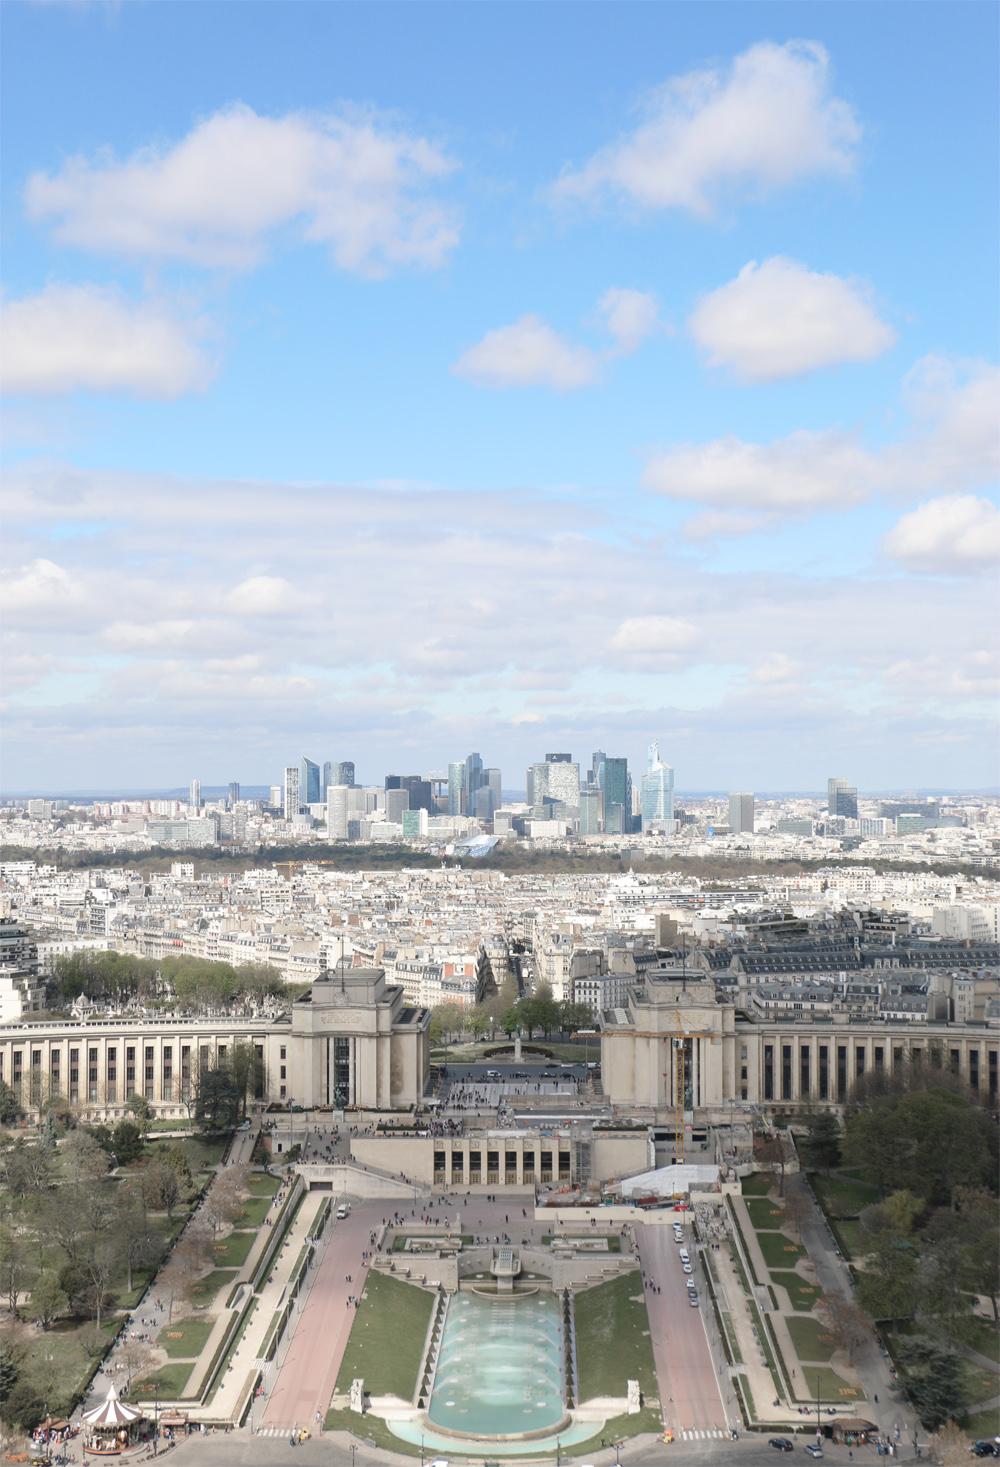 paris-tour-eiffel-tower-2